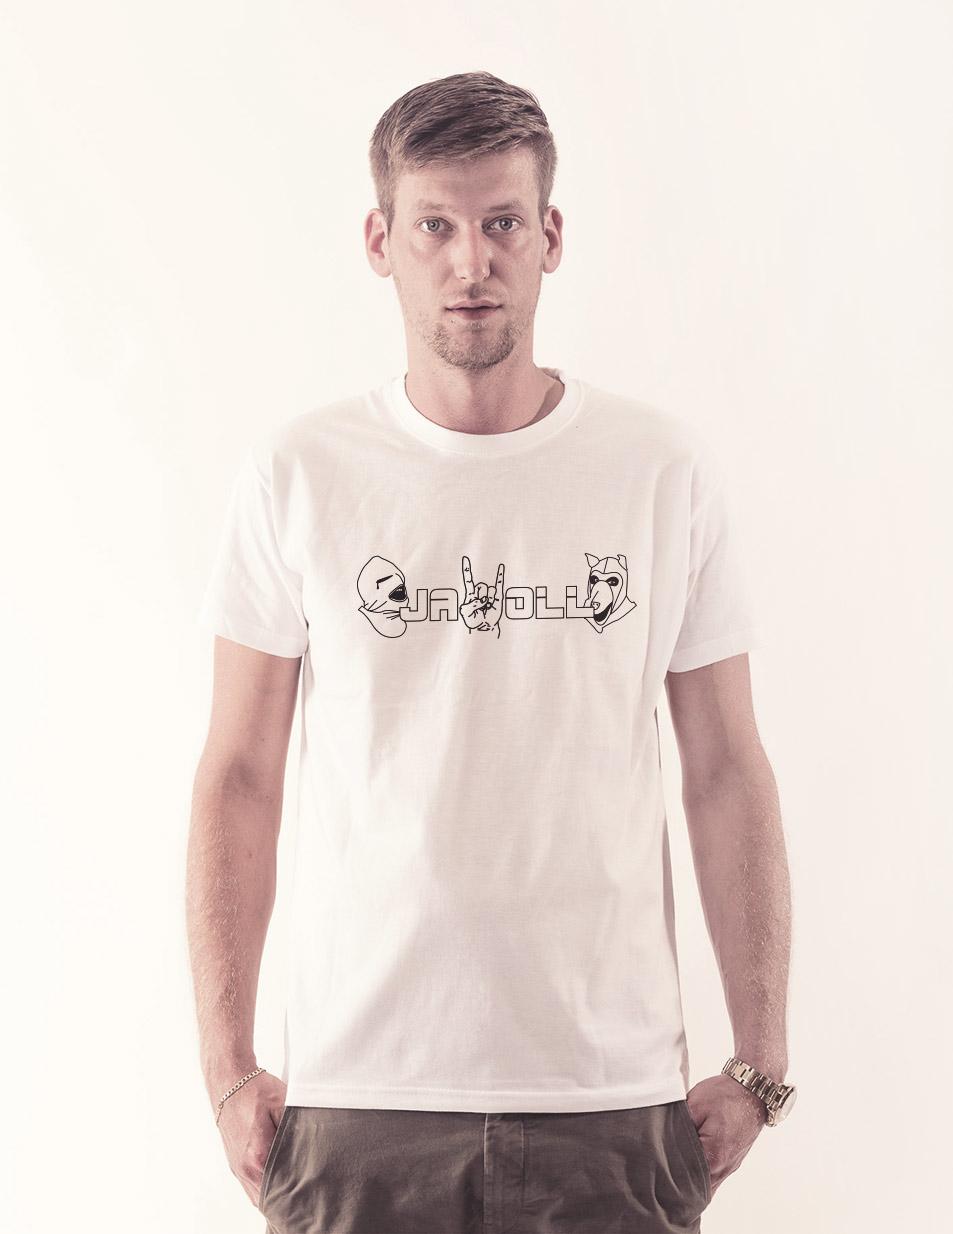 Jawoll Shirt schwarz auf weiß